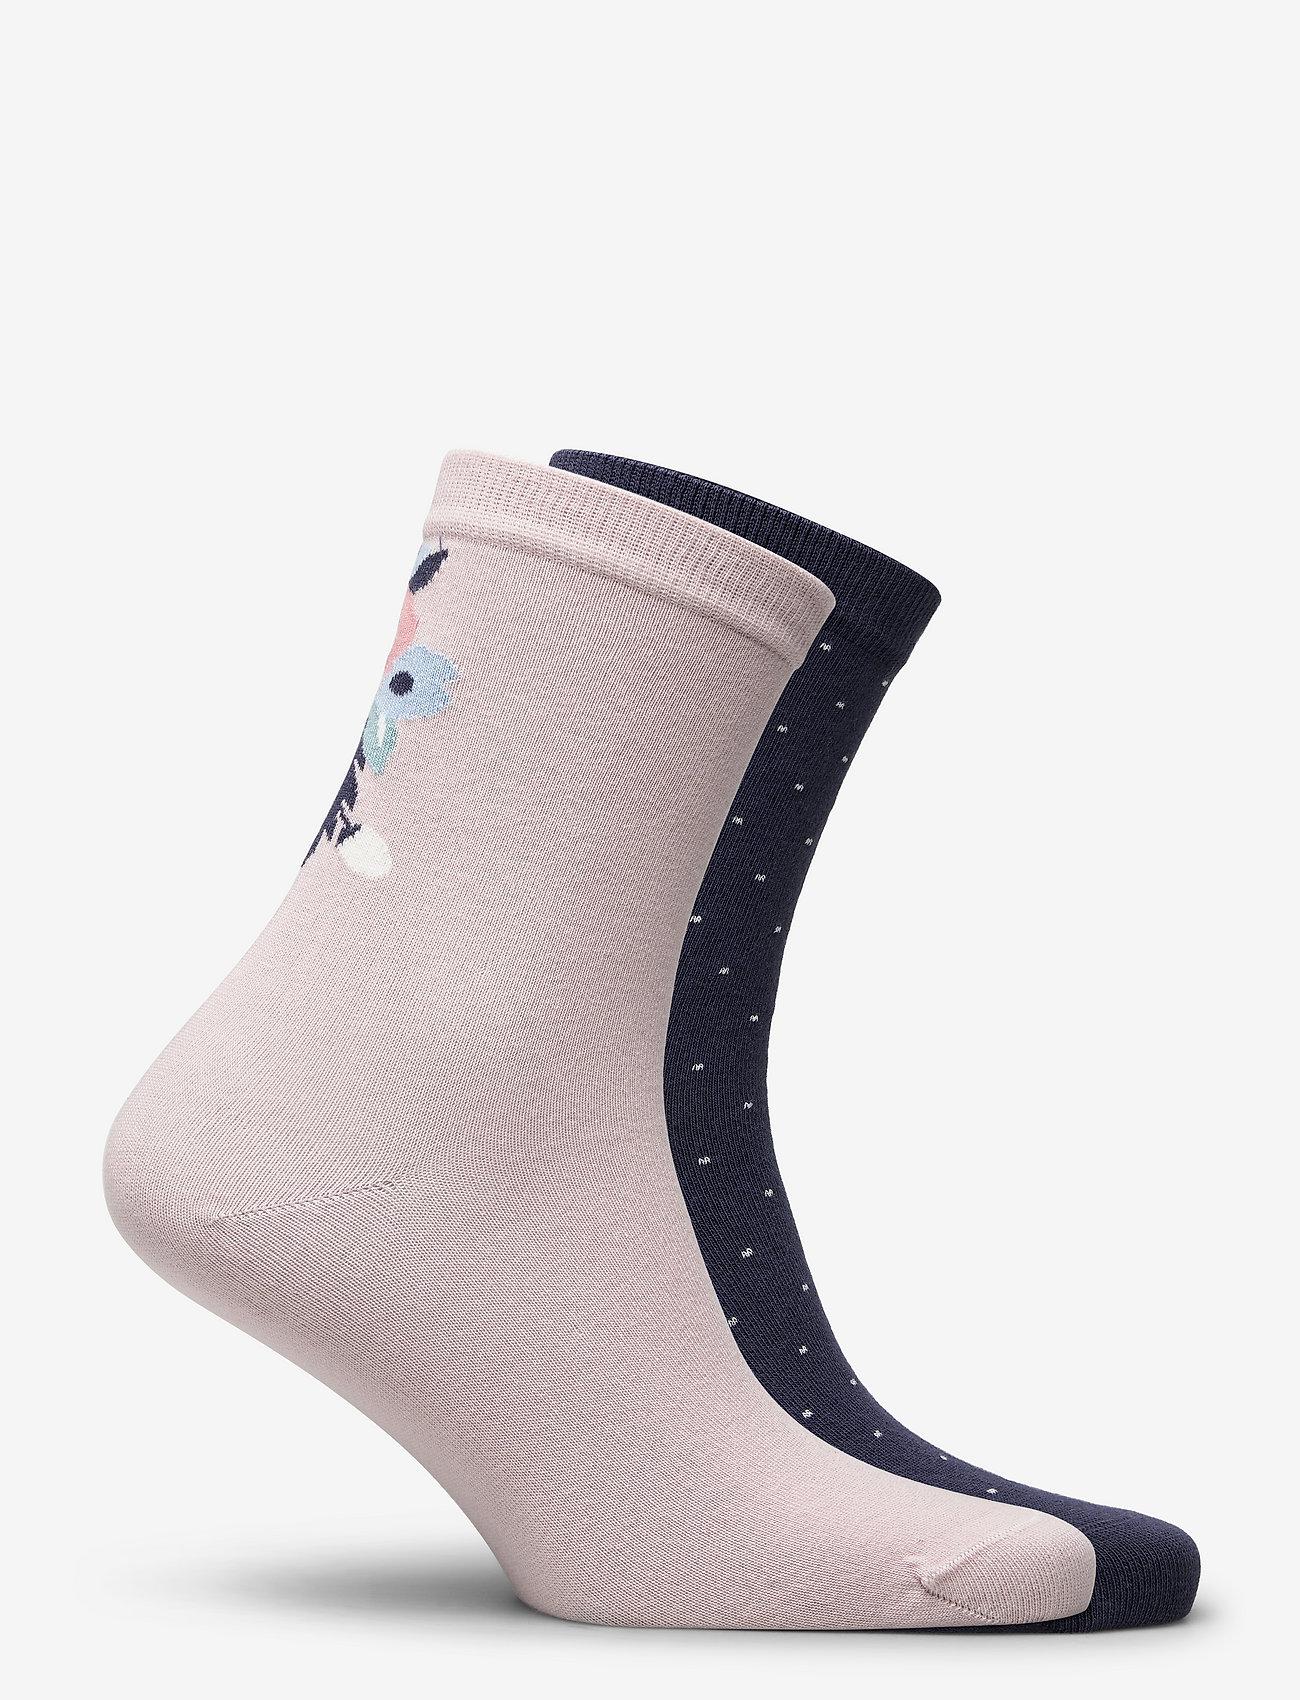 Vogue - Ladies anklesock, Celestine Socks, 2-pack - sneakersokken - cameo rose - 1